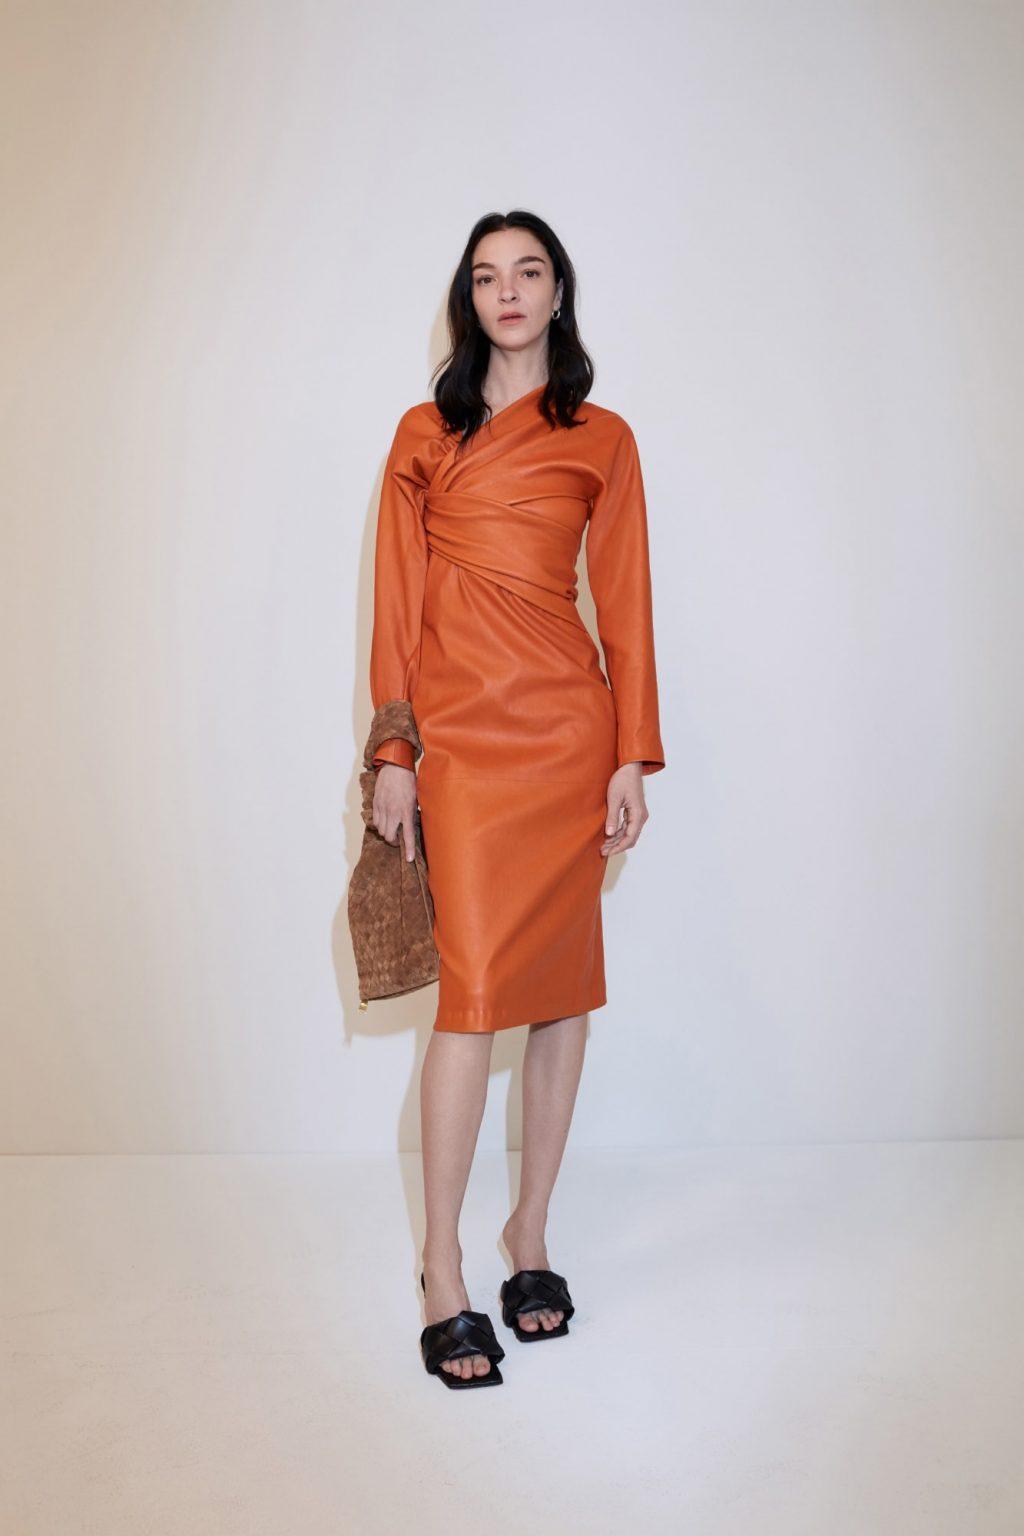 váy lụa màu cam tay dài trong bst bottega veneta cruise 2020